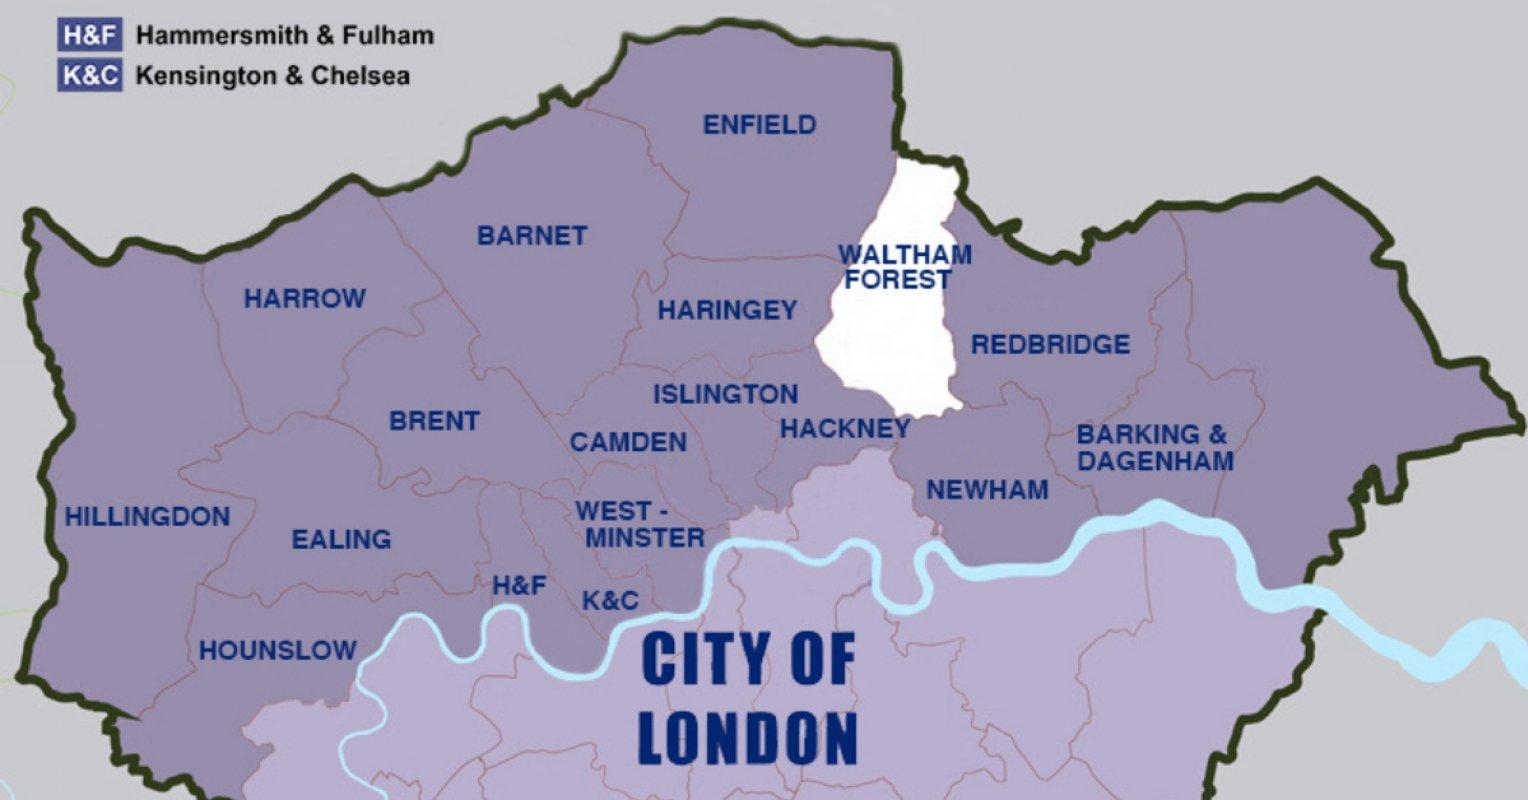 倫敦 Waltham Forest 自治市樓價升幅冠絕倫敦